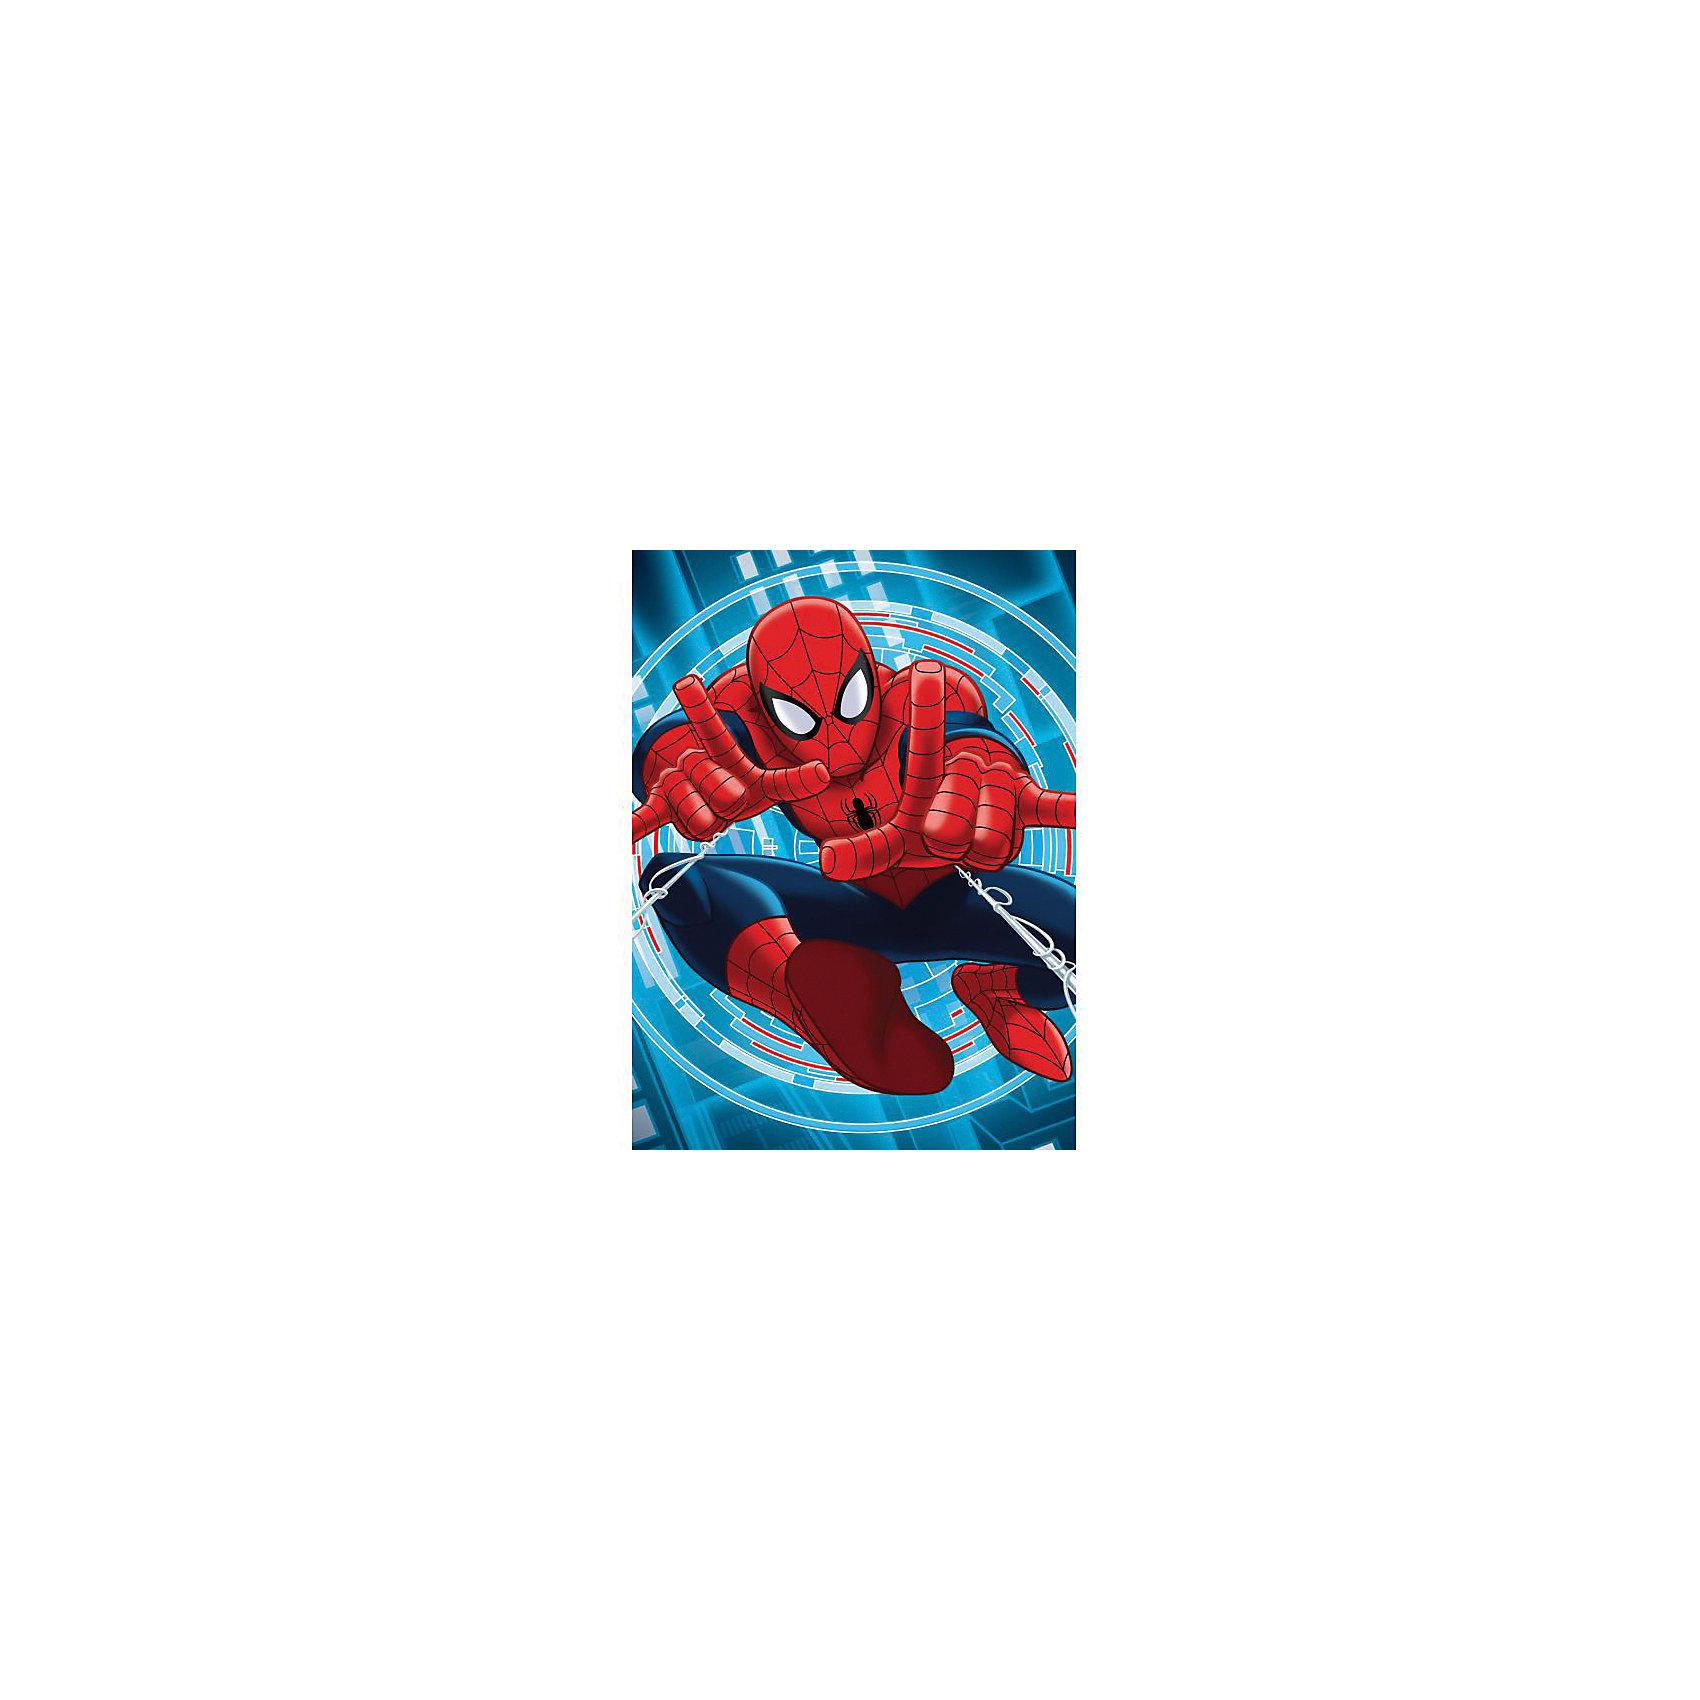 СкатертьЧеловек-паук, 140Х180 смСкатерть Человек-паук (Spider-man), 140Х180 см - отлично подойдет для сервировки праздничного стола!<br>Скатерть  Человек-паук (Spider-man) просто создана для любого детского праздника. Нарядная красочная скатерть украшена большим изображением супергероя. Этот яркий аксессуар ни за что не останется без внимания на детском торжестве. Скатерть сделана из ПВХ, ее легко мыть после использования. В нашем магазине можно также дополнительно приобрести бумажные стаканы и салфетки из этой серии.<br><br>Дополнительная информация:<br><br>- Размер: 140 х 180 см.<br>- Материал: ПВХ<br><br>Скатерть  Человек-паук (Spider-man), 140Х180 см можно купить в нашем интернет-магазине.<br><br>Ширина мм: 220<br>Глубина мм: 10<br>Высота мм: 290<br>Вес г: 90<br>Возраст от месяцев: 24<br>Возраст до месяцев: 144<br>Пол: Мужской<br>Возраст: Детский<br>SKU: 4254585